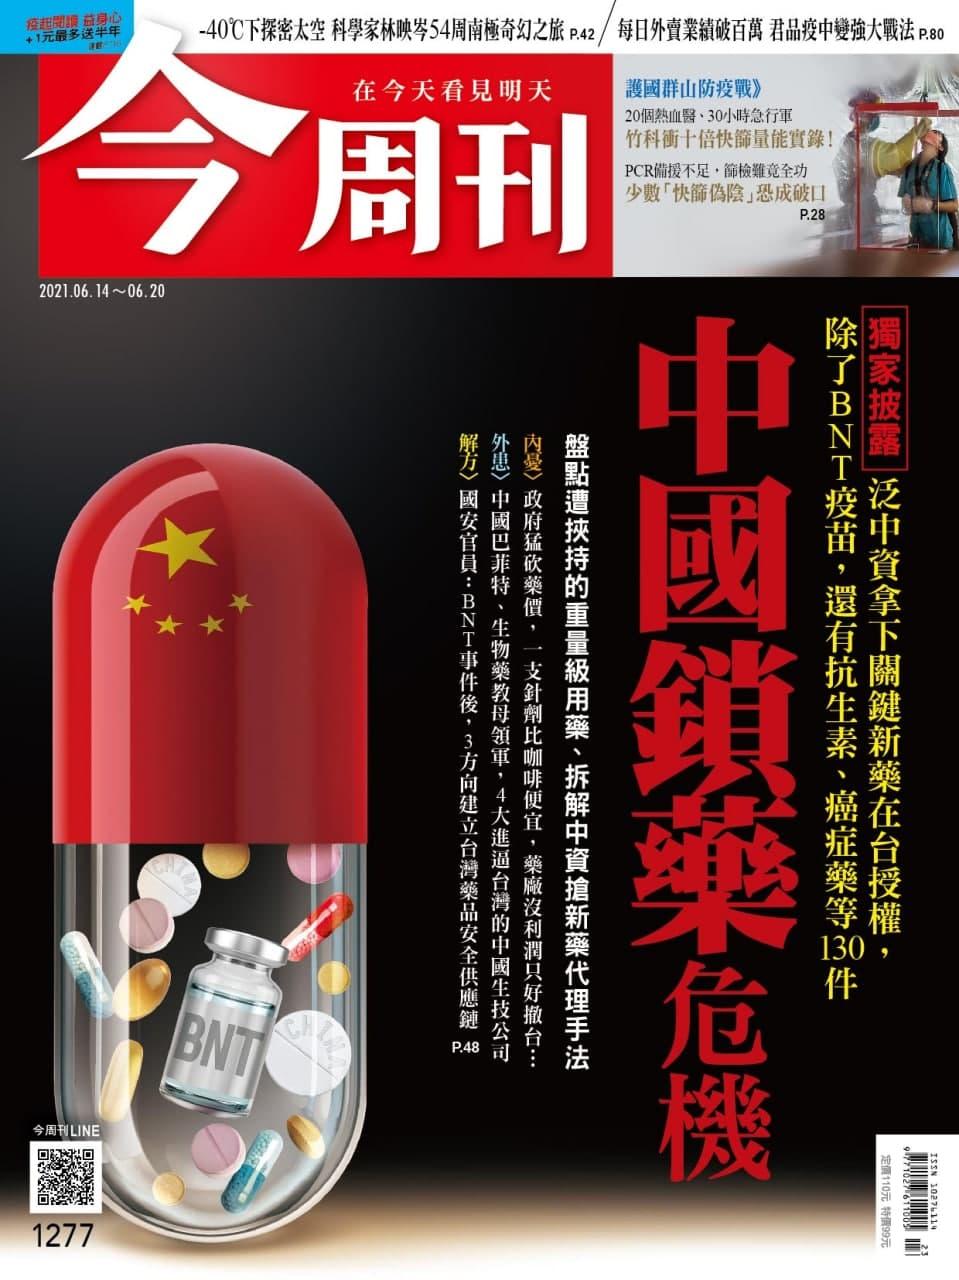 中國鎖藥危機